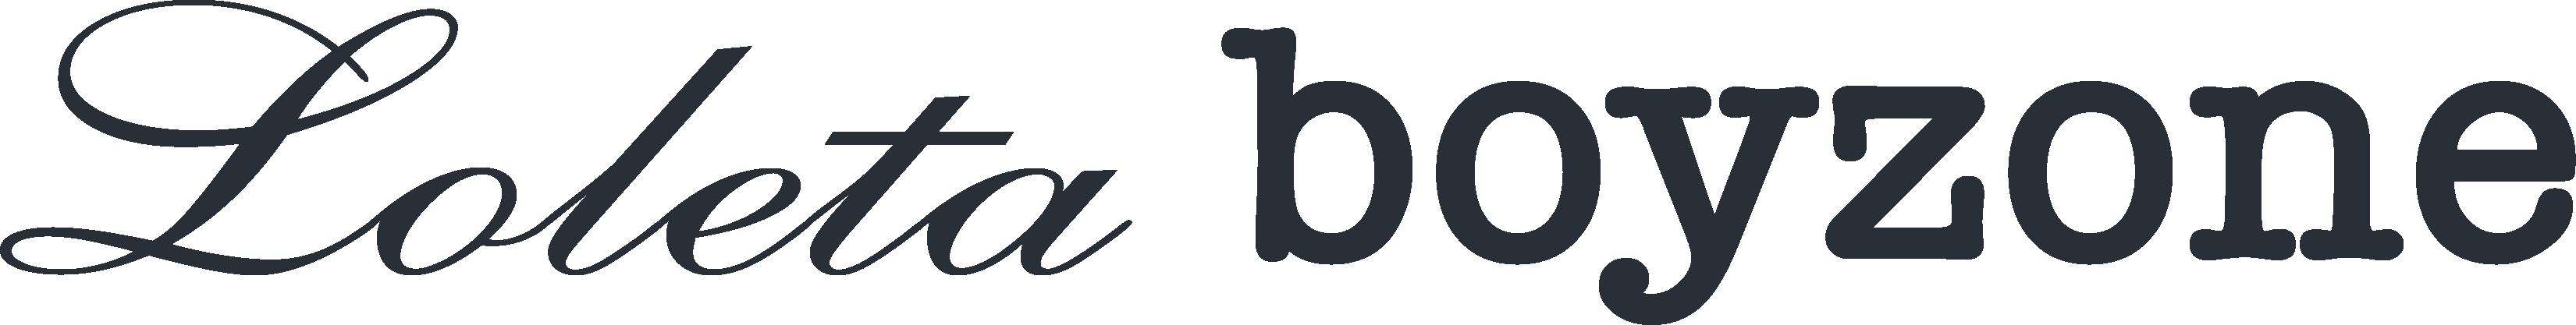 Loleta-Boyzone Abbigliamento Logo